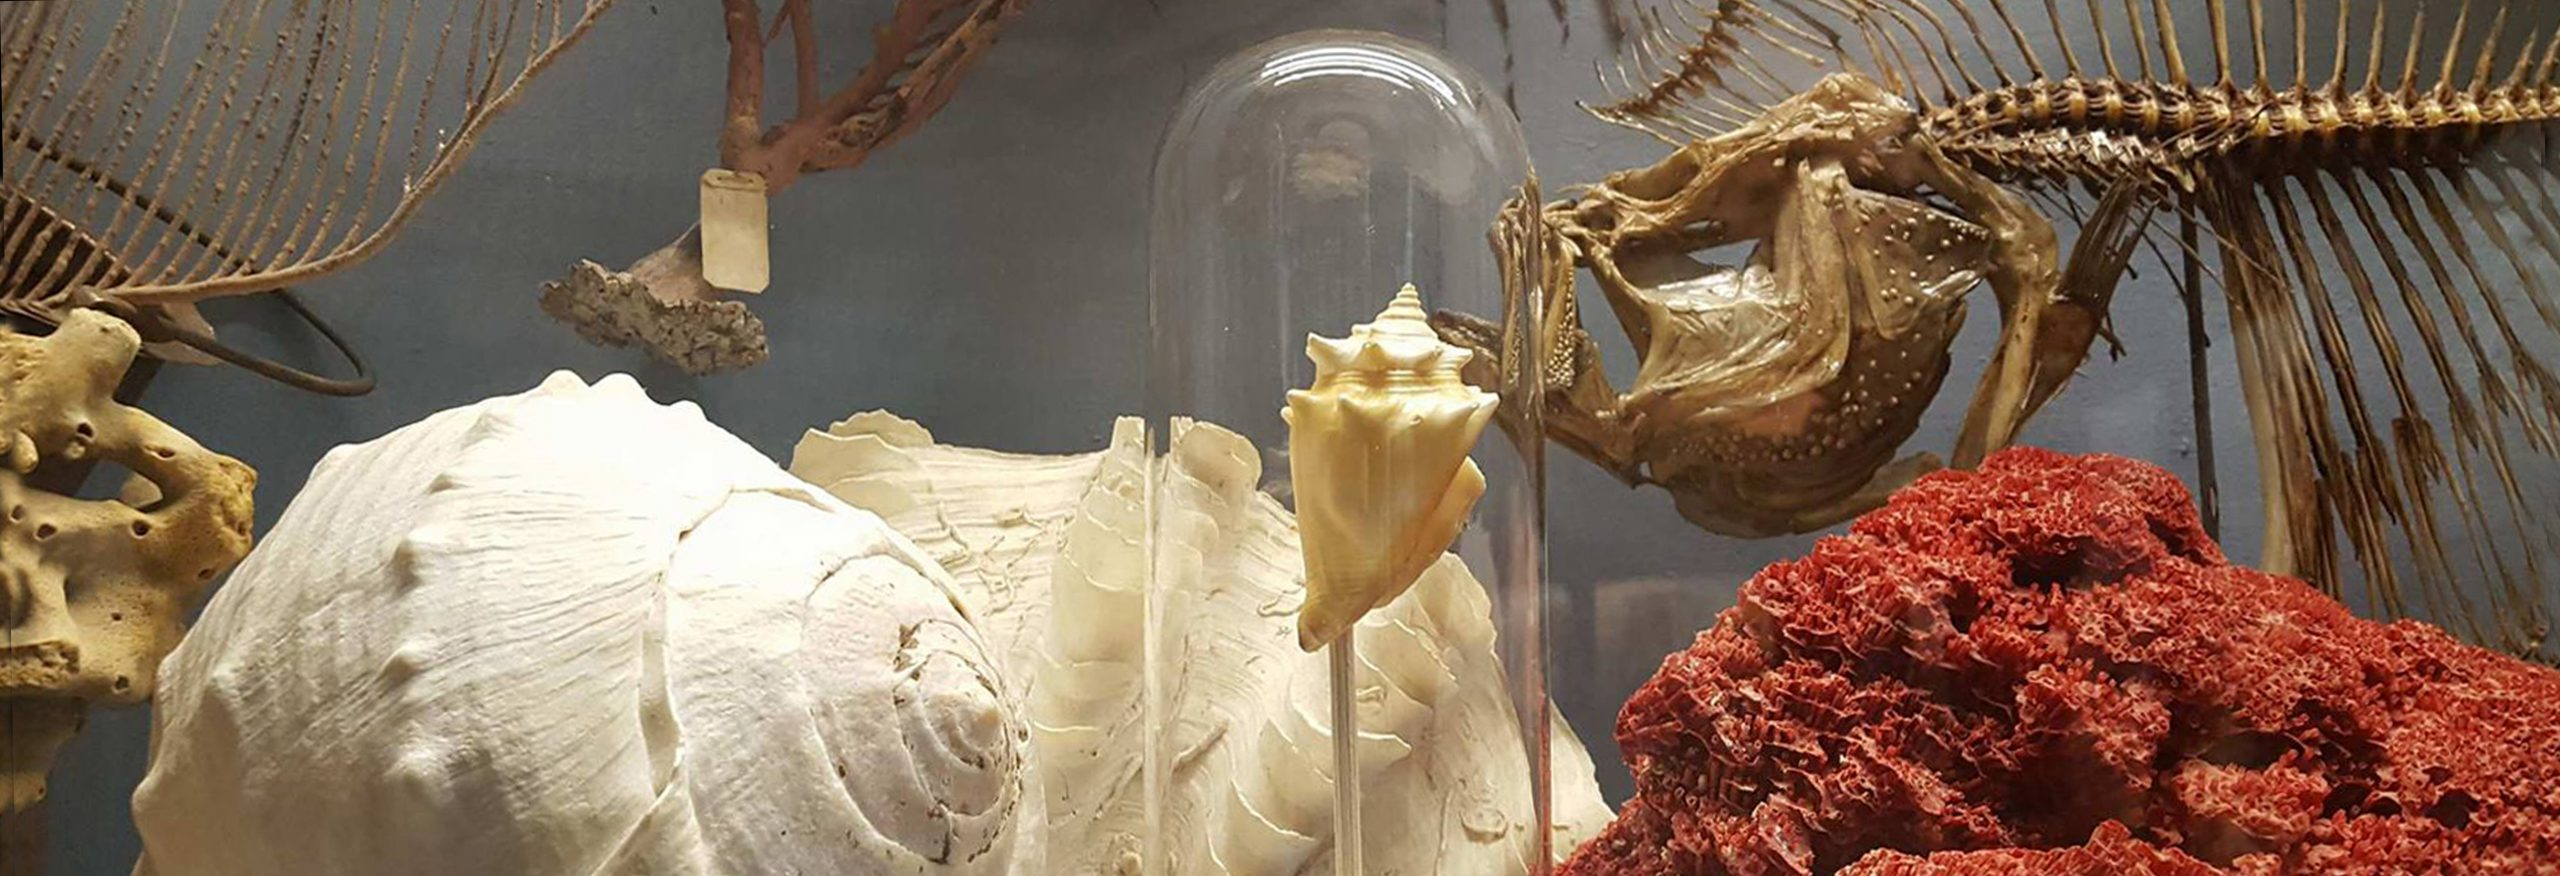 Riaperto il Museo di Storia Naturale | Calci